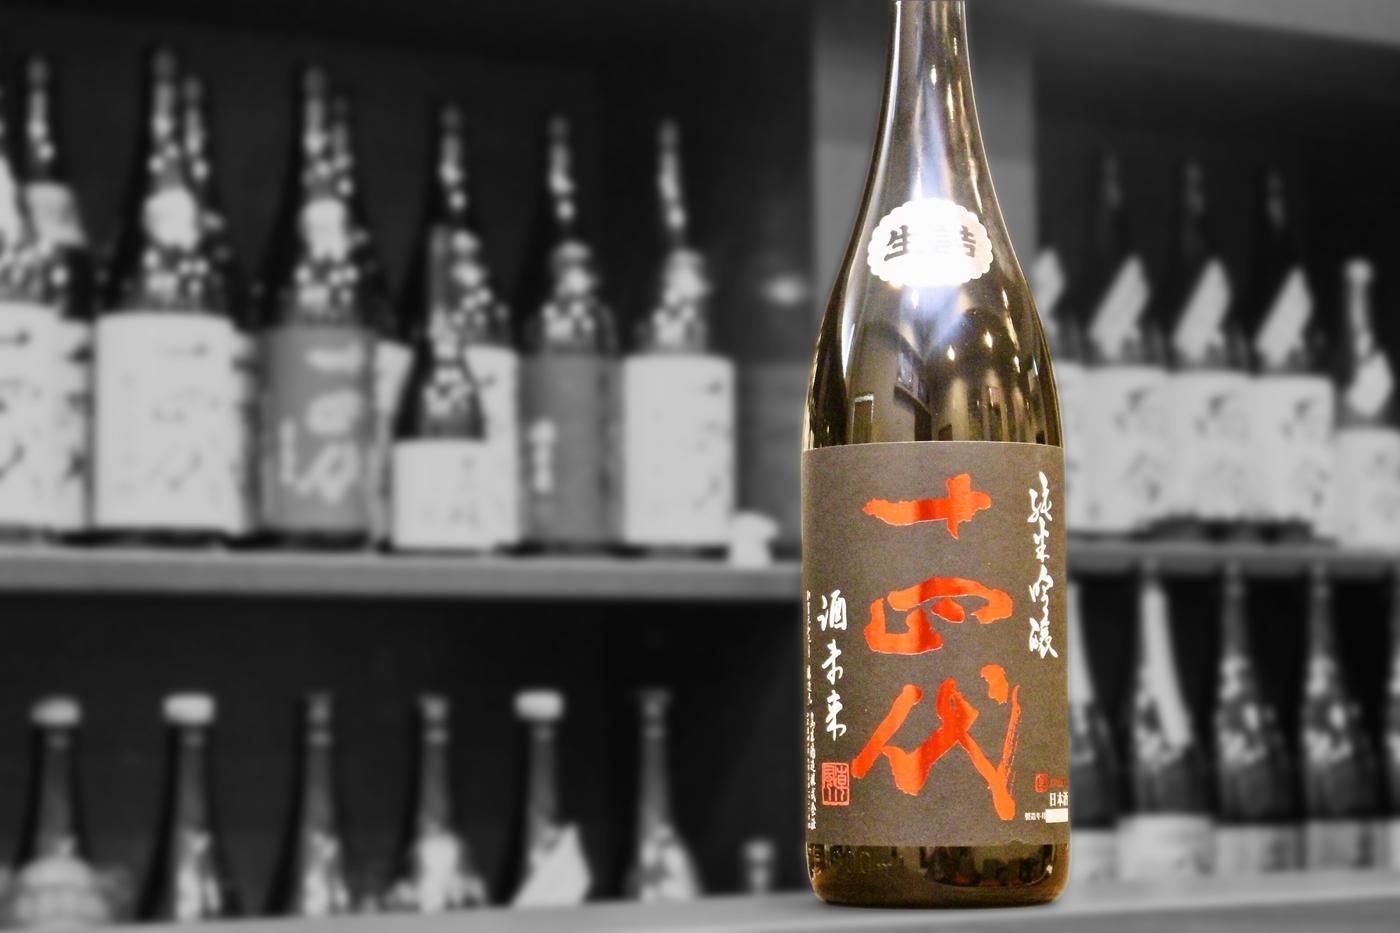 十四代純米吟醸酒未来202007-001